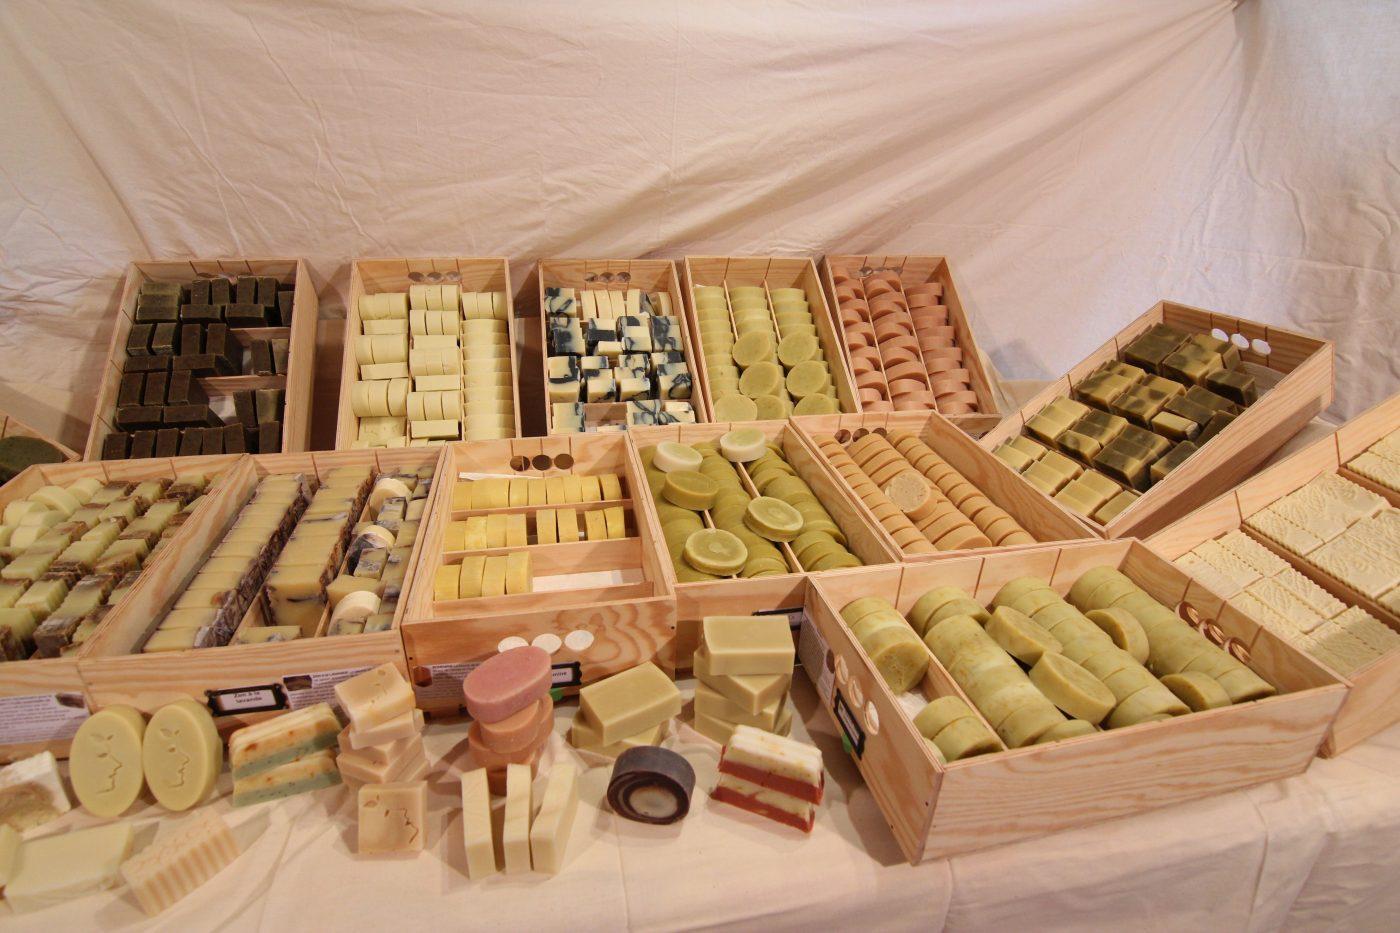 Une gamme de savons pour les besoins de tous - Savons naturels - Savonnerie du Colibri - Arlon, à la frontière entre la Belgique, la France et le Luxembourg